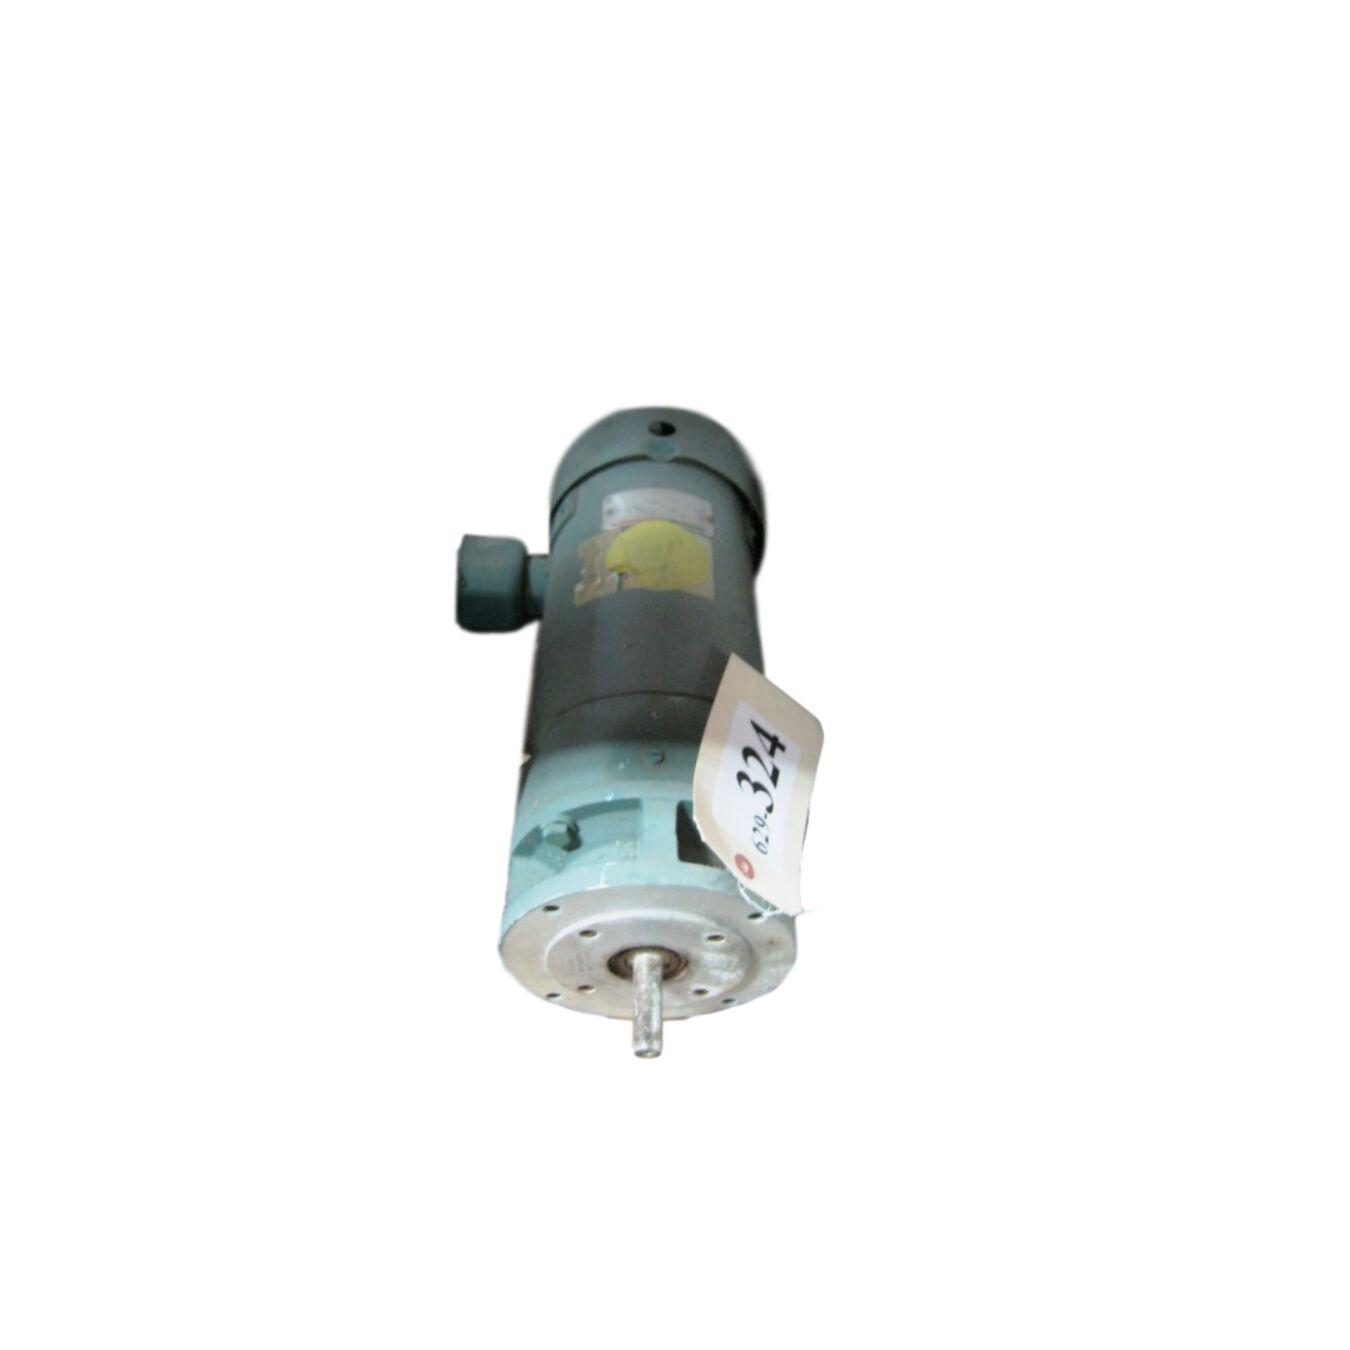 3 4 hp dc electric motor 1725 rpm wt56hc frame motors for 4 horsepower dc motor